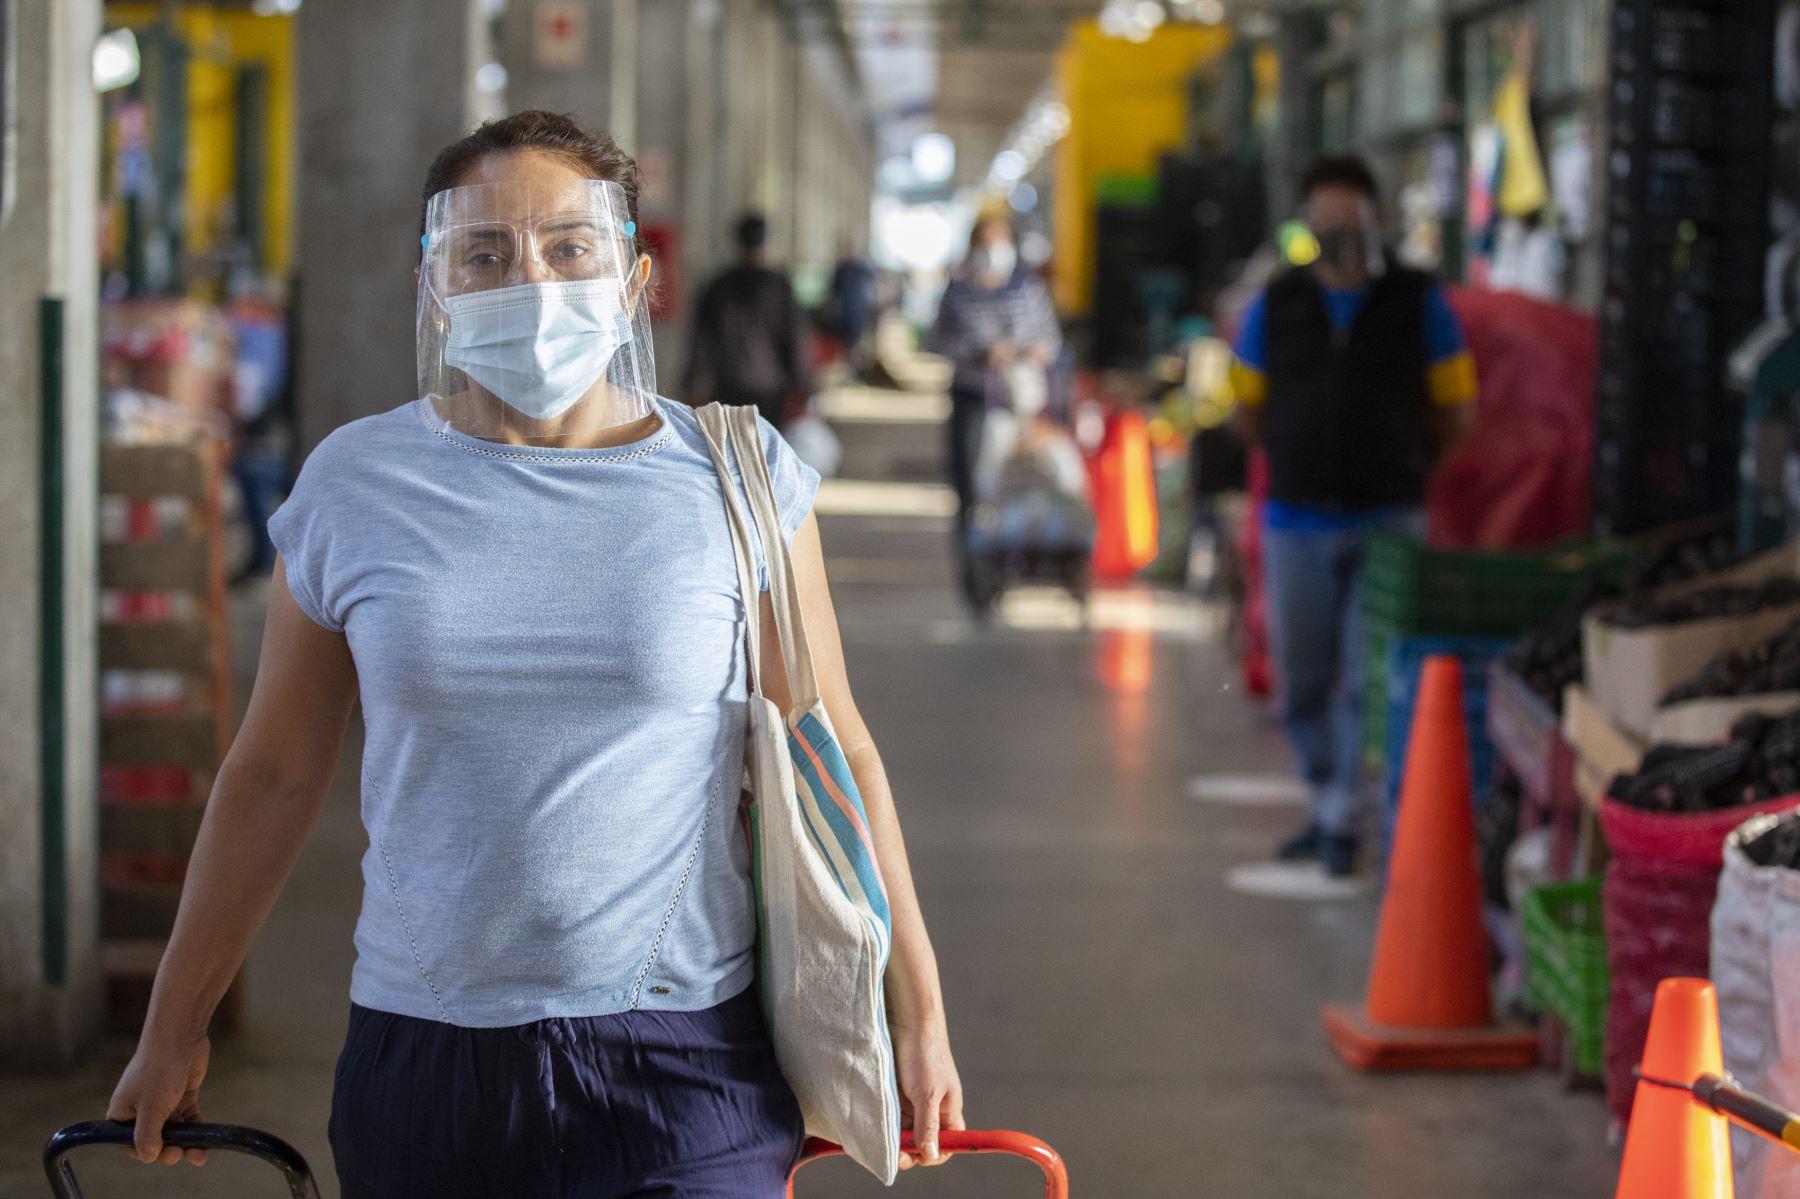 Conoce de la mano de un especialista cómo tomar las medidas correctas para desinfectar tu protector y continuar cuidándote del covid-19. Foto: MML.